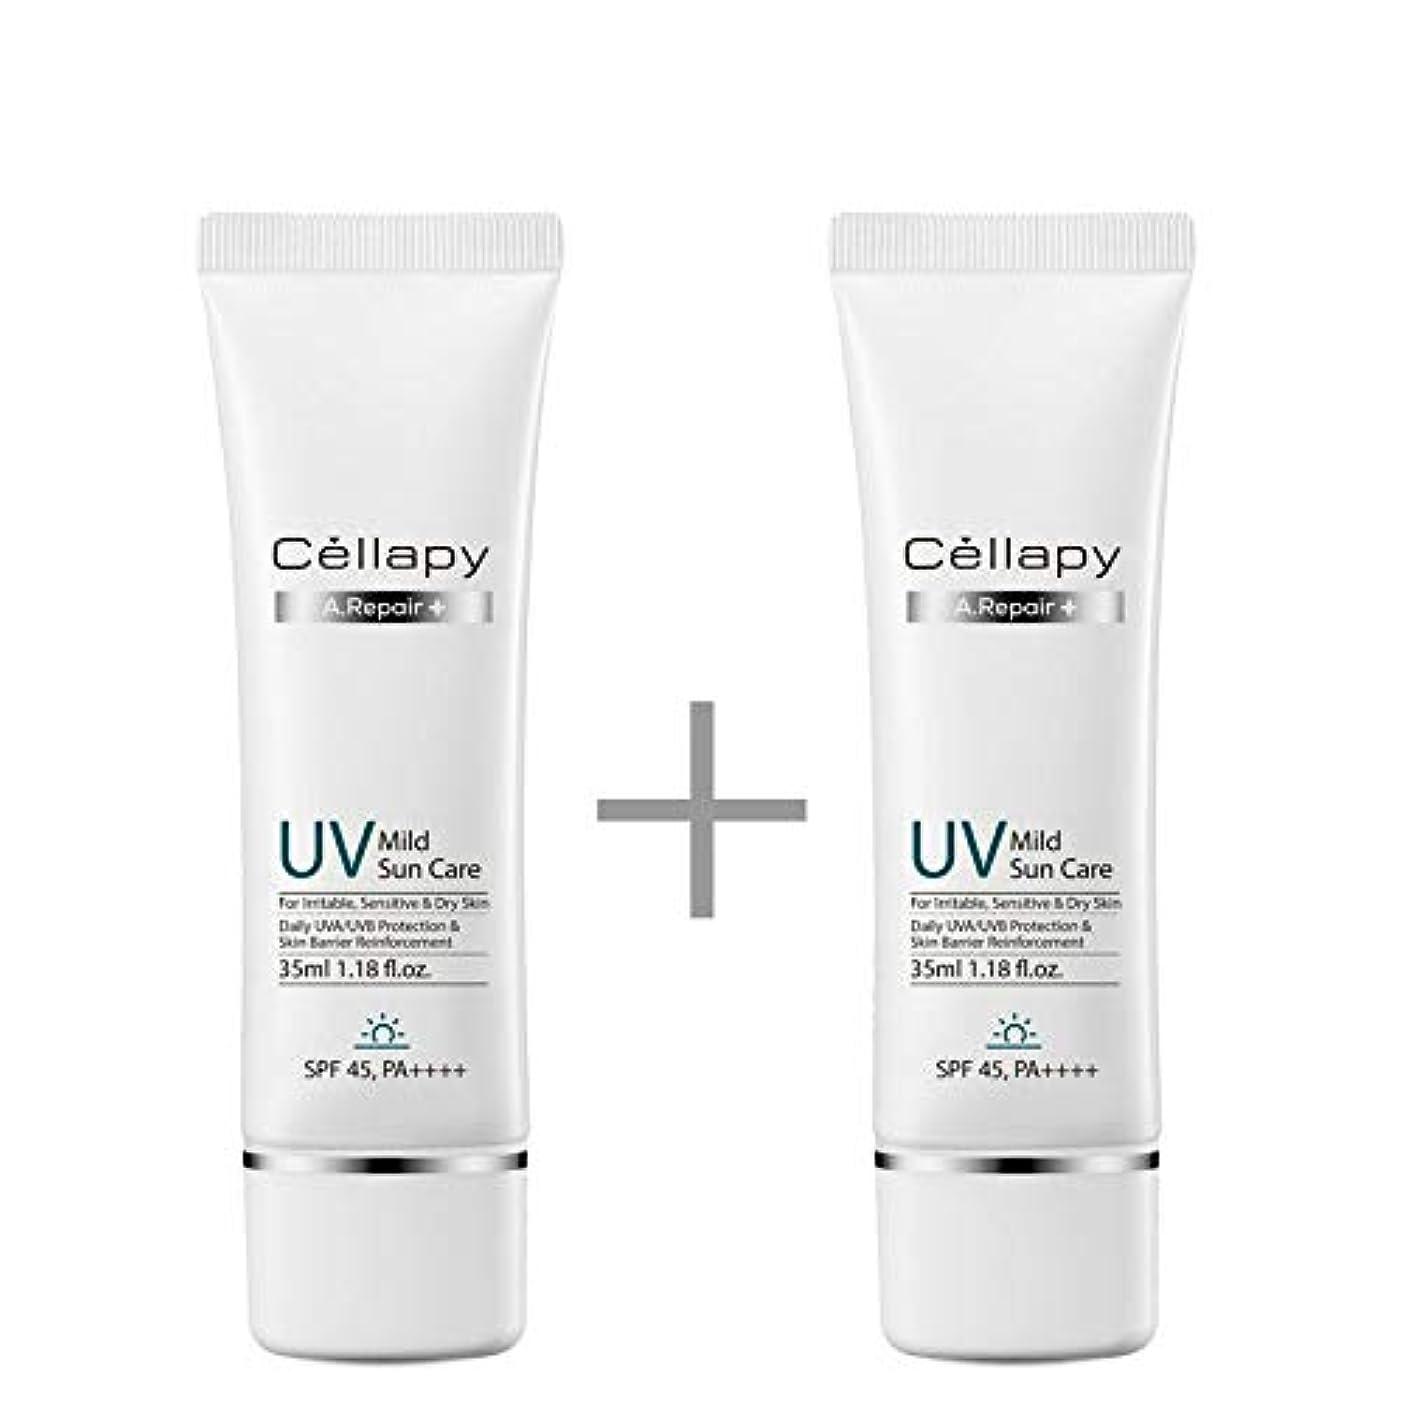 体操選手相談するイタリック[1+1] 【Cellapy】 セルラーピ A.Repair Plus UV Mild Sun Care マイルドサンケア (35ml) SPF45/PA++++ 韓国 日焼け止め